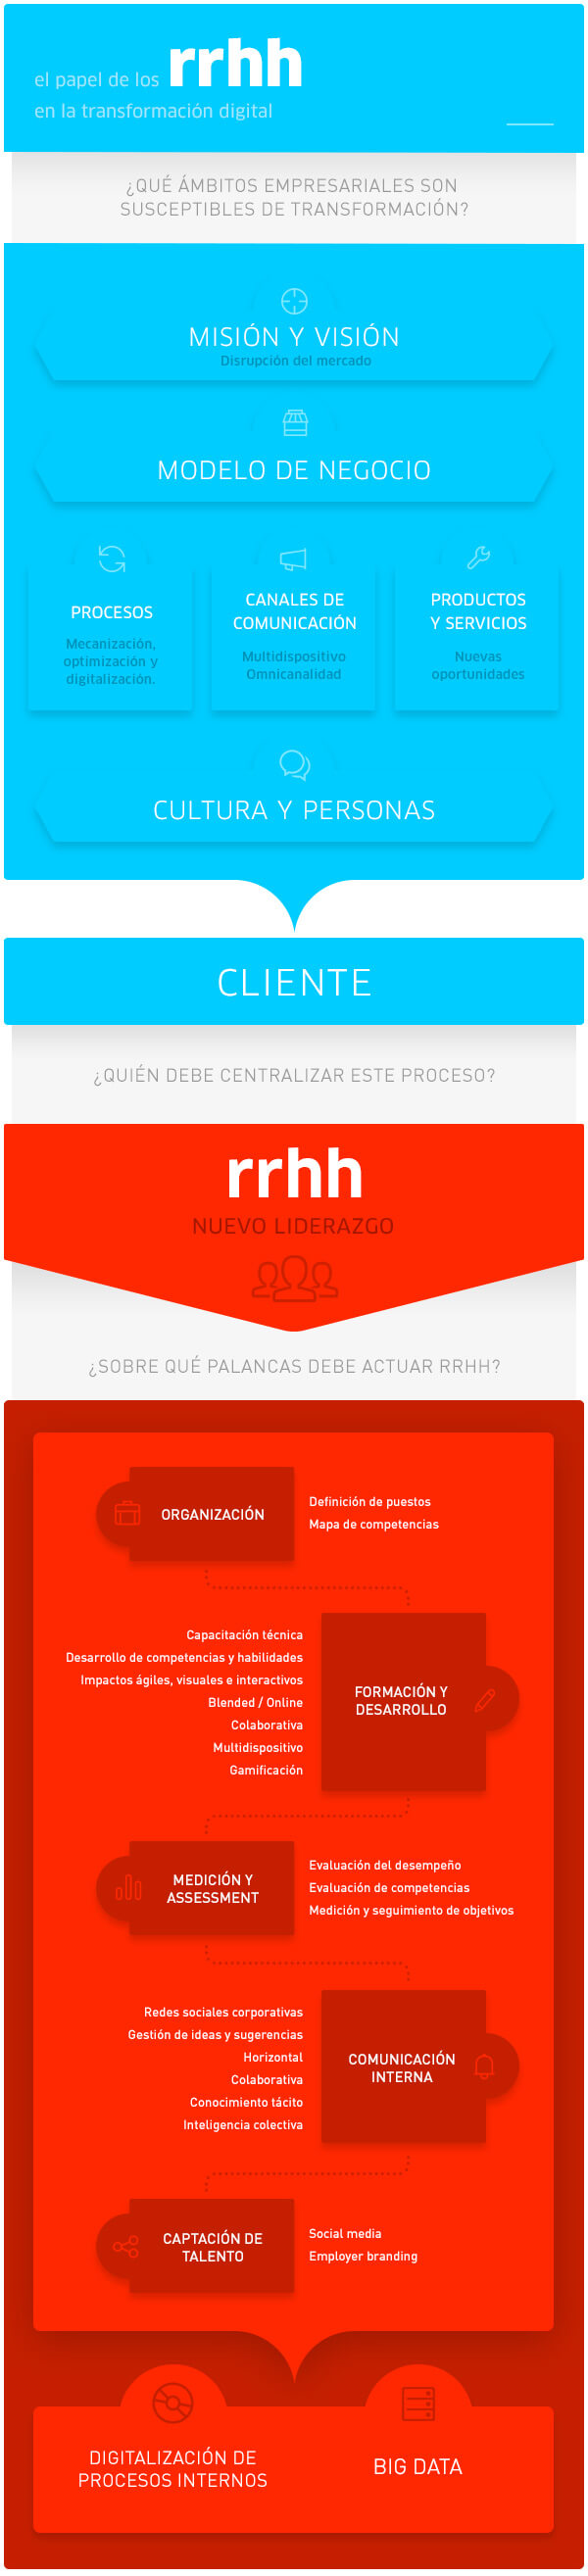 Papel-RRHH-Transformacion-Digital-infografia